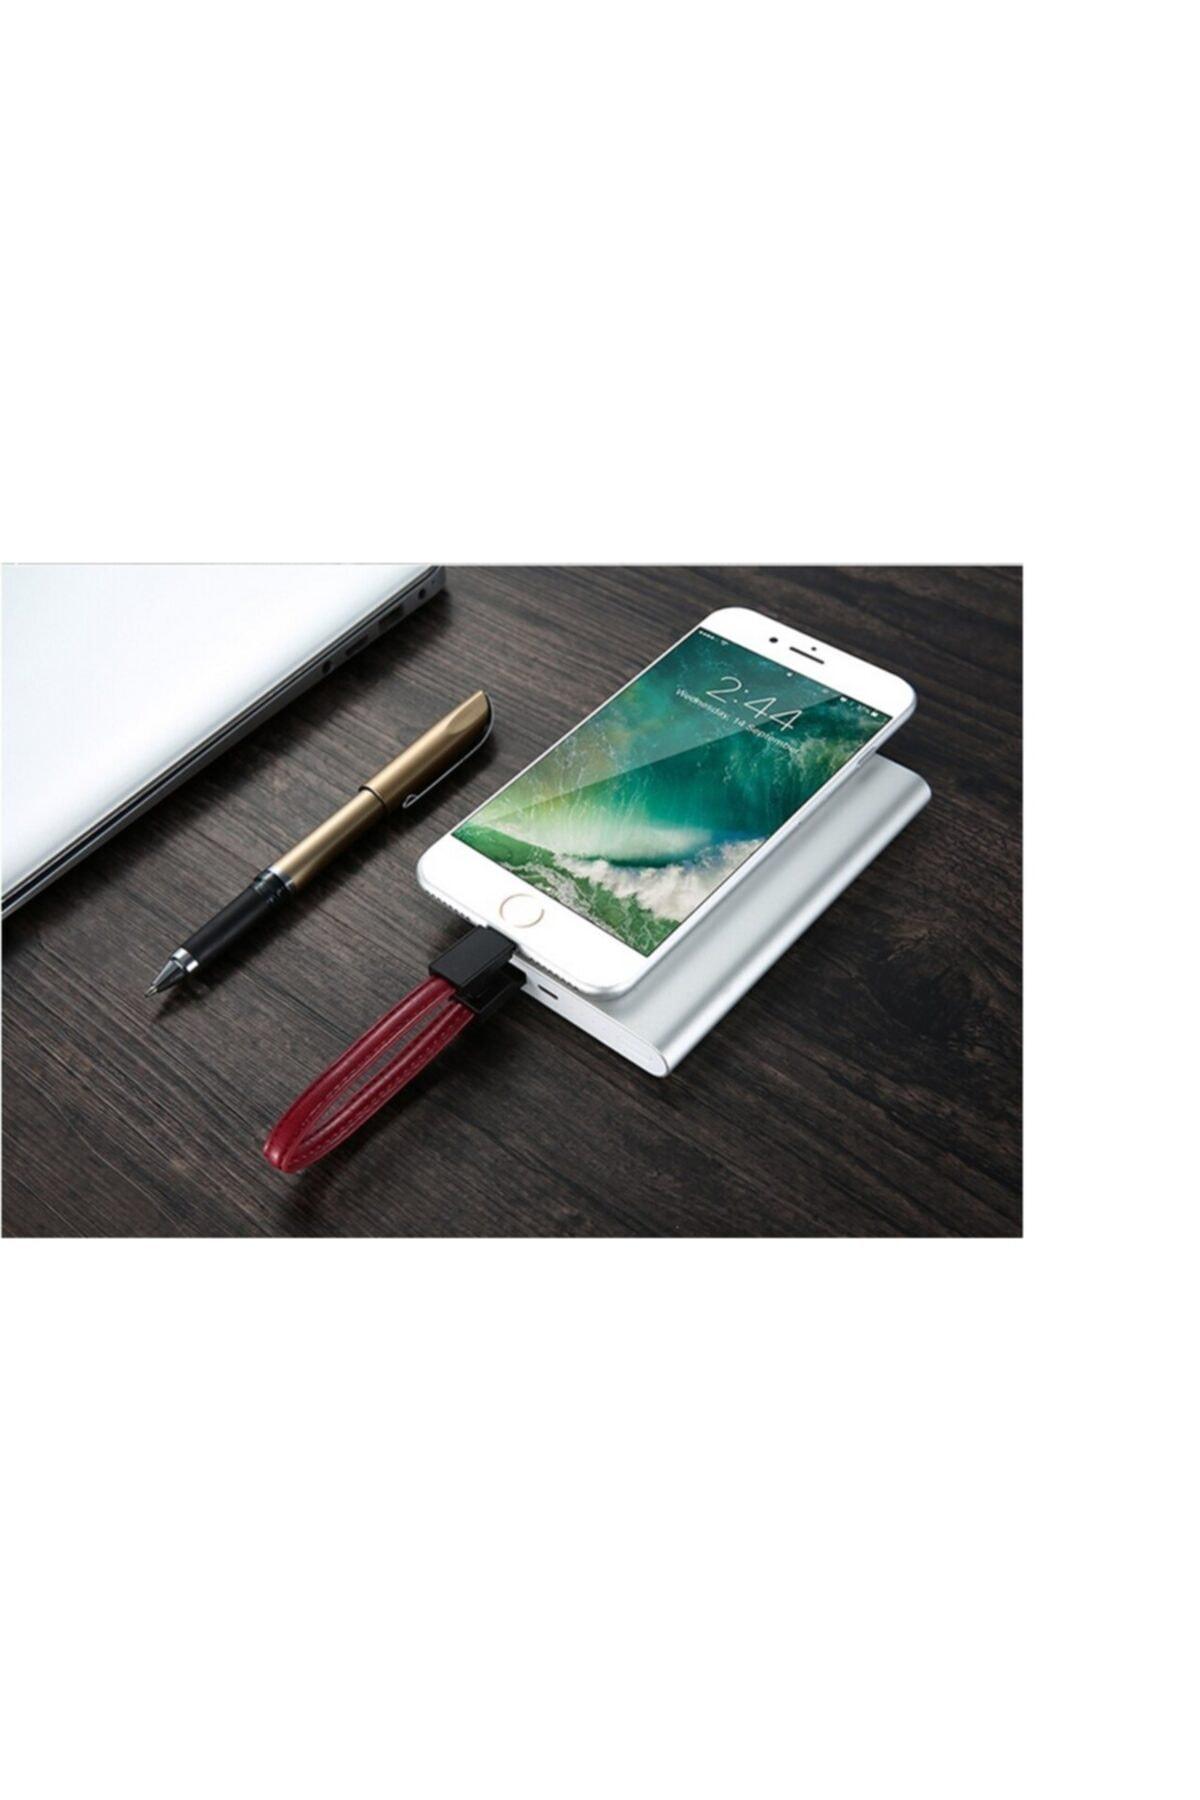 GadgetTR (anahtarlık Şeklinde Şarj Kablosu) Iphone Deri Şarj Kablosu + Anahtarlık, Şık Tasarım 2